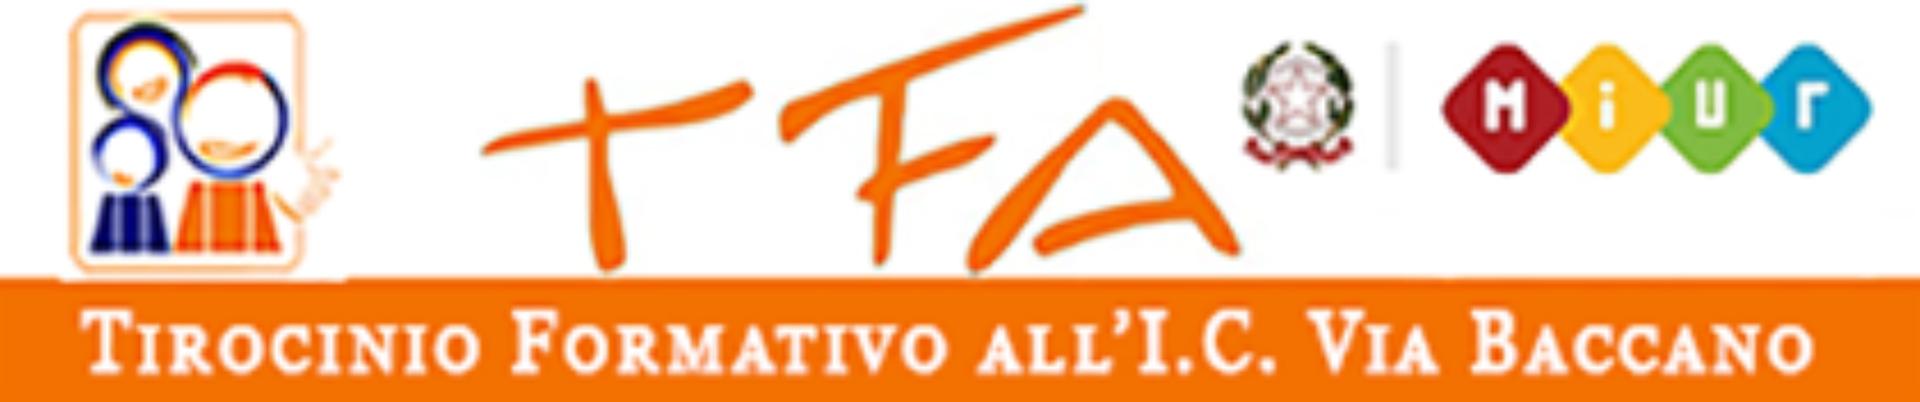 Tirocinio Formativo all'I.c. Via Baccano